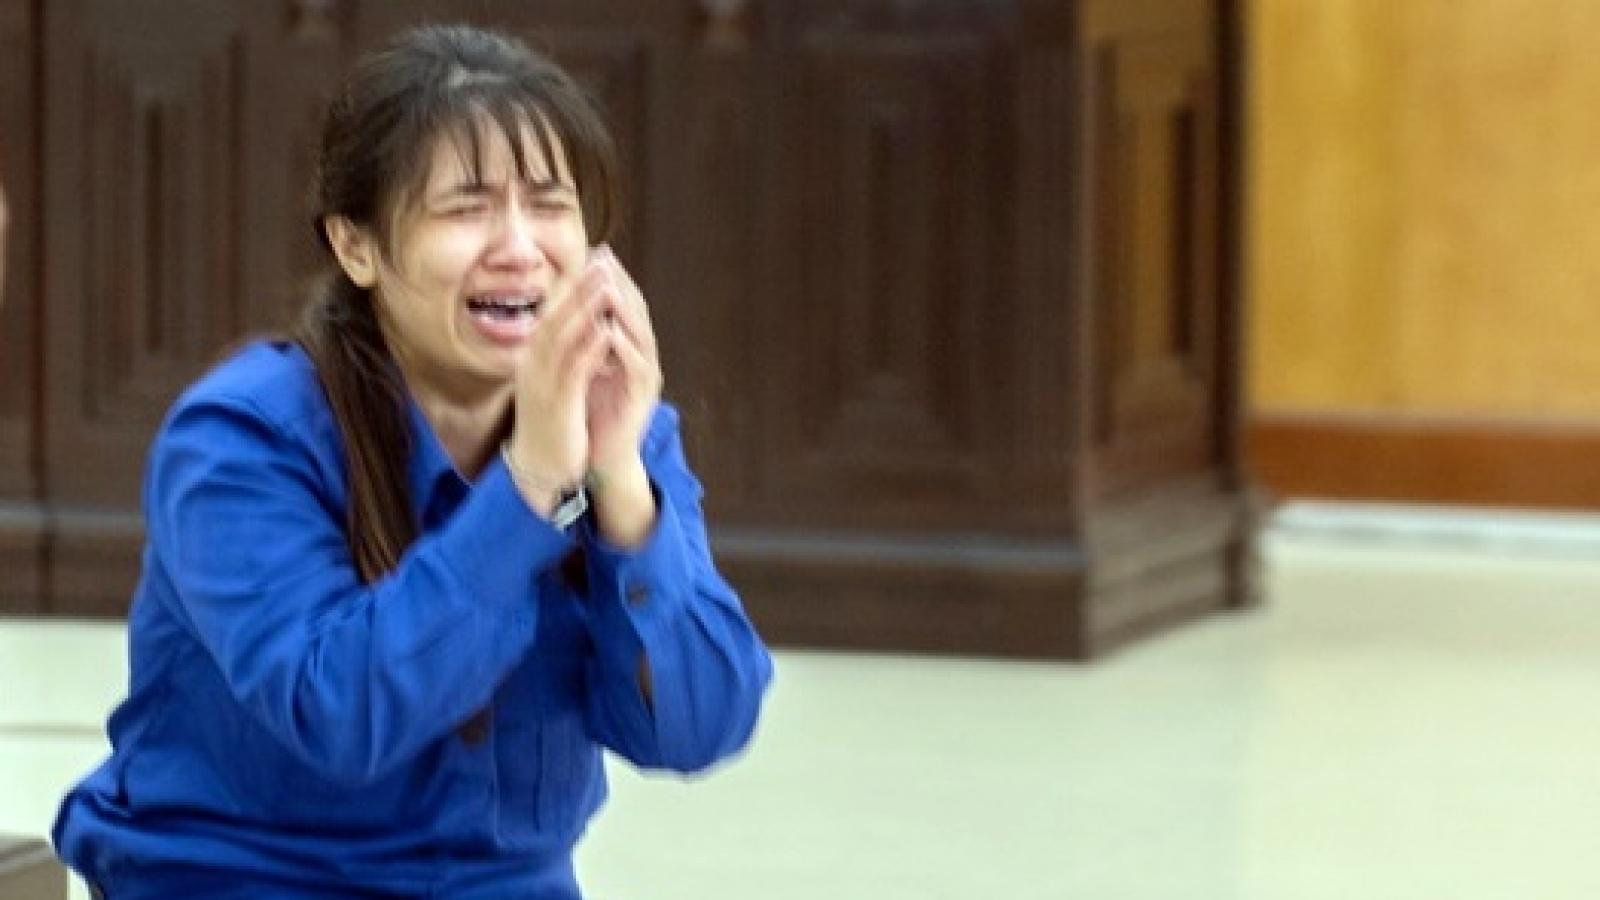 Vụ bé 3 tuổi bị bạo hành đến chết: Bị cáo khóc lóc, quỳ xin lỗi mẹ